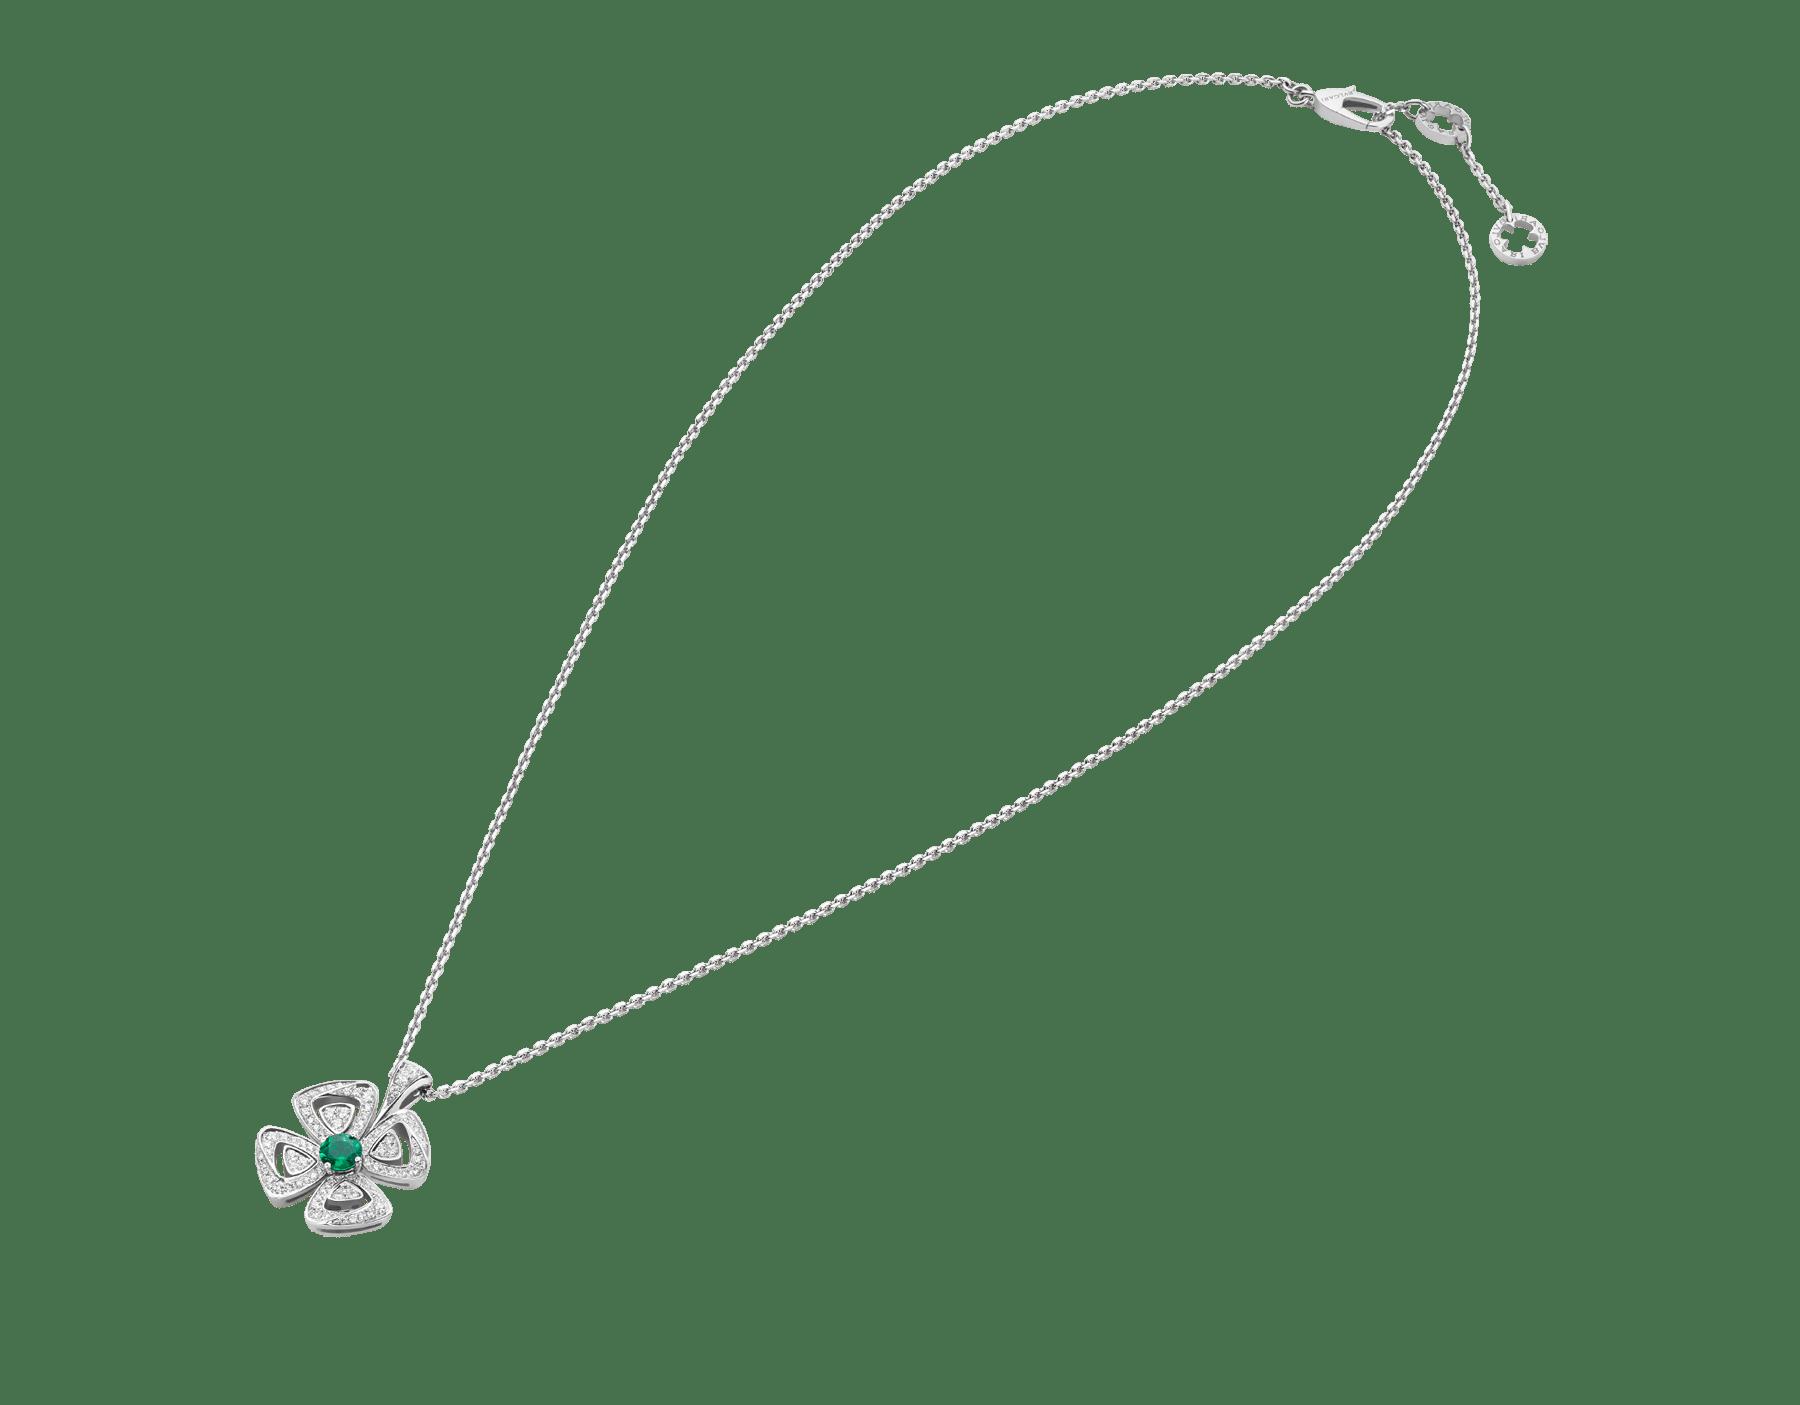 Colar com pingente Fiorever em ouro branco 18K cravejado com uma esmeralda central lapidação brilhante (0,30ct) e pavê de diamantes (0,31ct) 358427 image 2